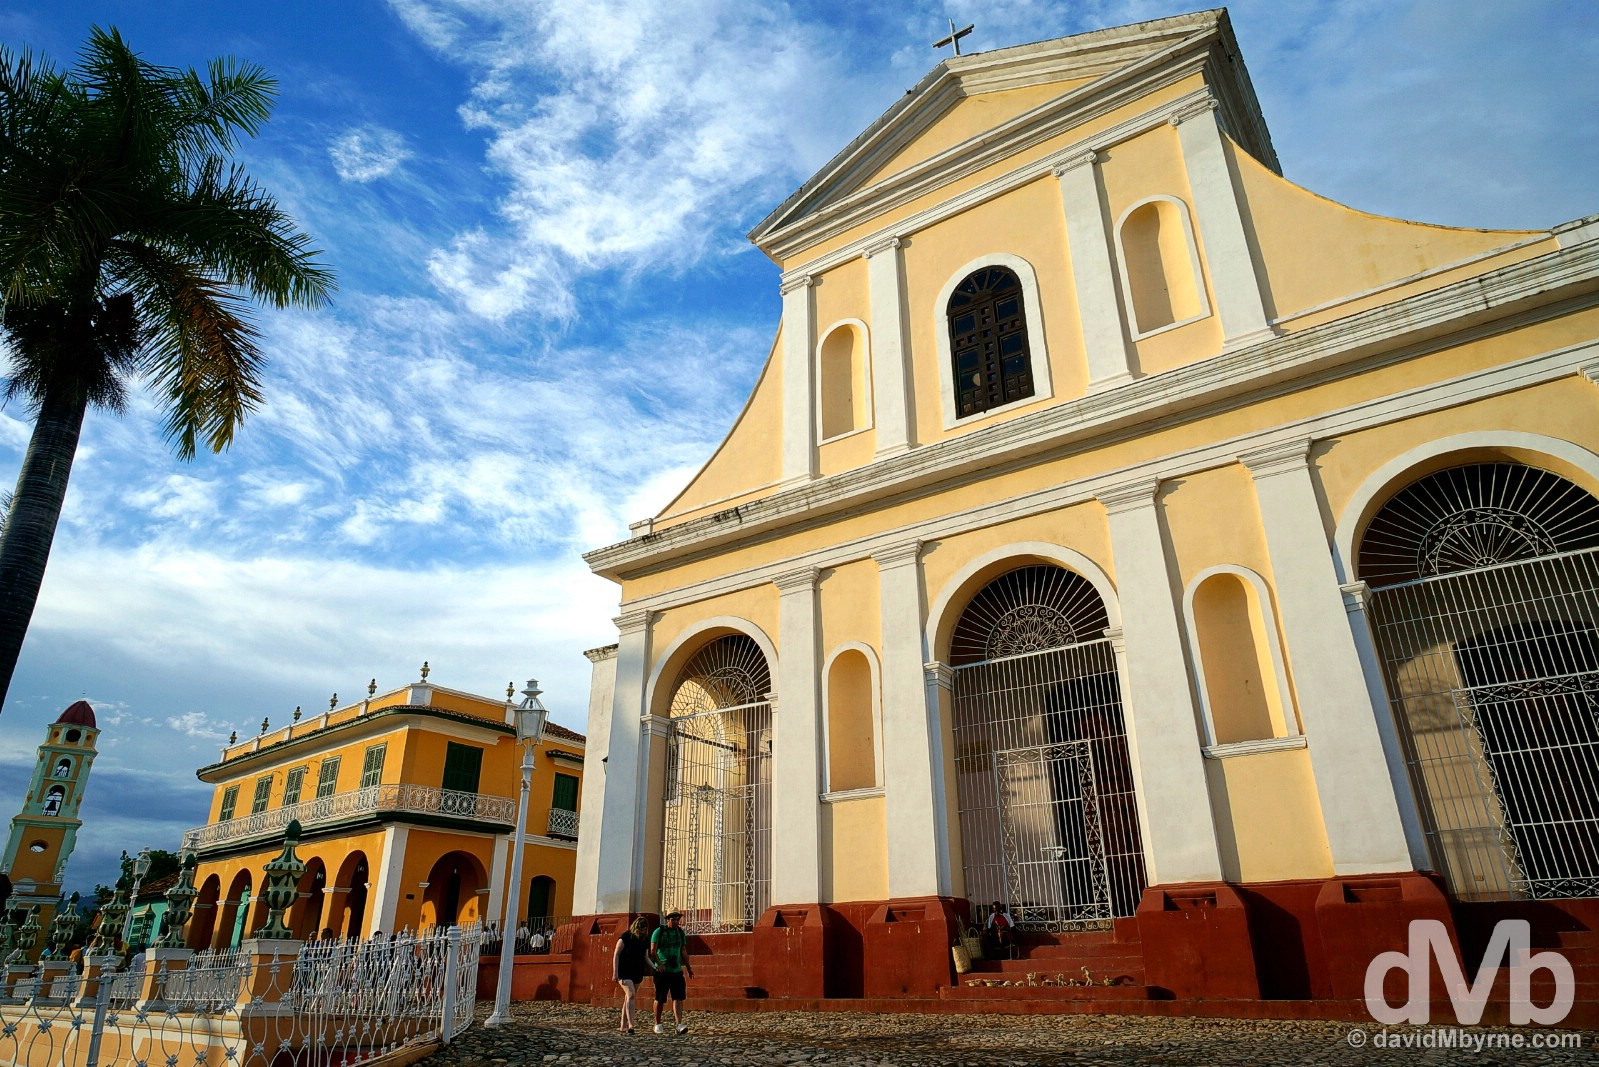 The facade of the Iglesia Parroquial de la Santisima Trinidad overlooking Plaza Mayor in Trinidad, Cuba. May 5, 2015.